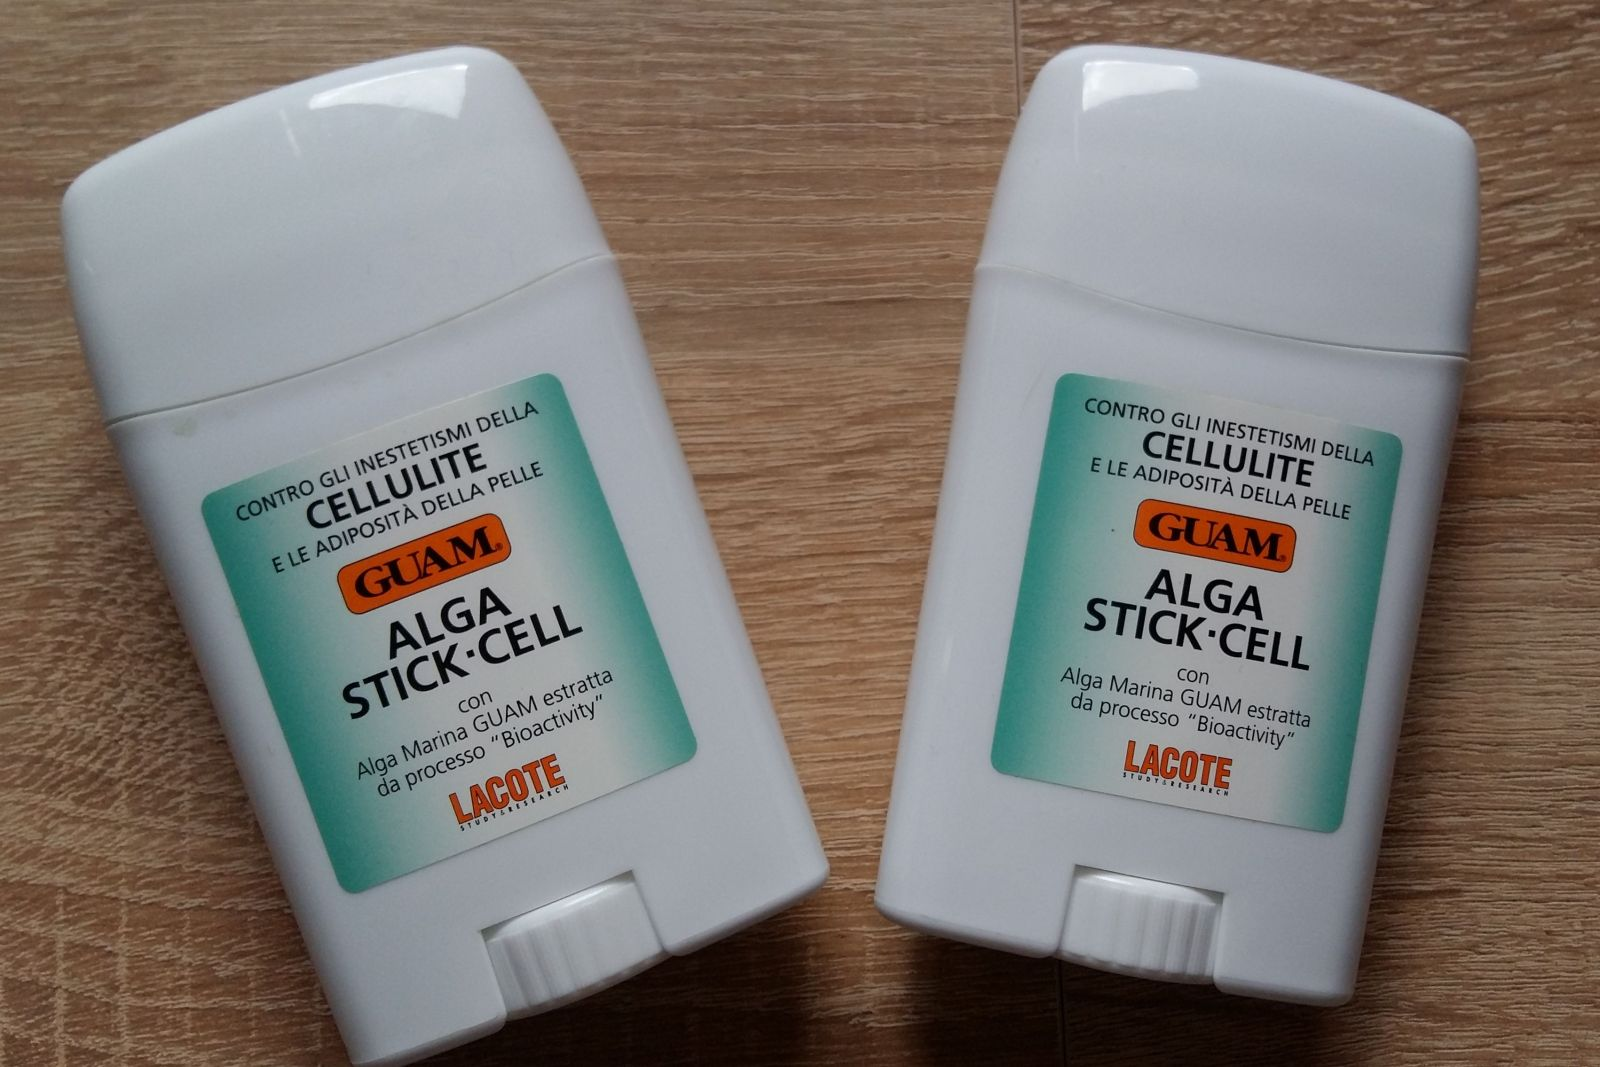 Антицеллюлитный стик GUAM Alga Stick Cell отзывы